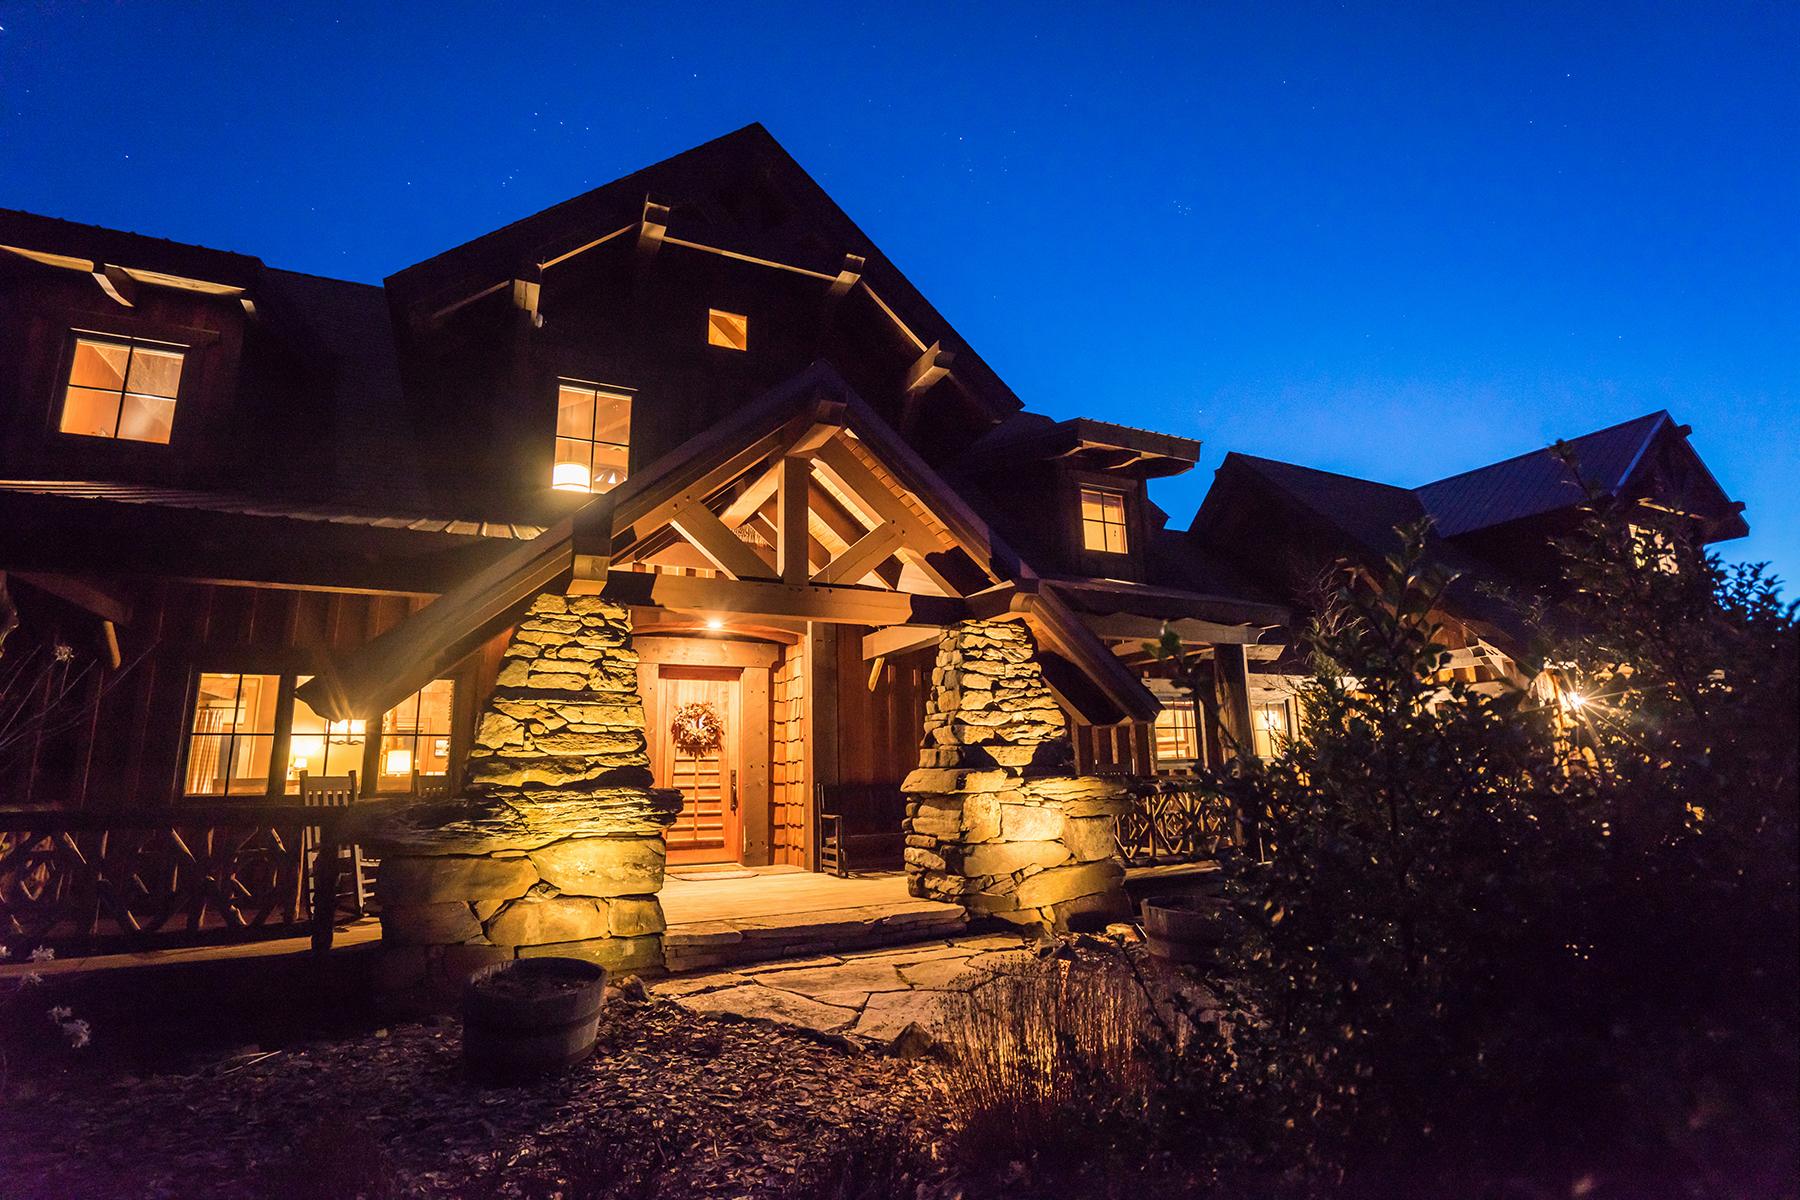 단독 가정 주택 용 매매 에 Zionville - Sunalei Preserve 862 Buffalo Nvno Zionville, 노스캐놀라이나, 28698 미국